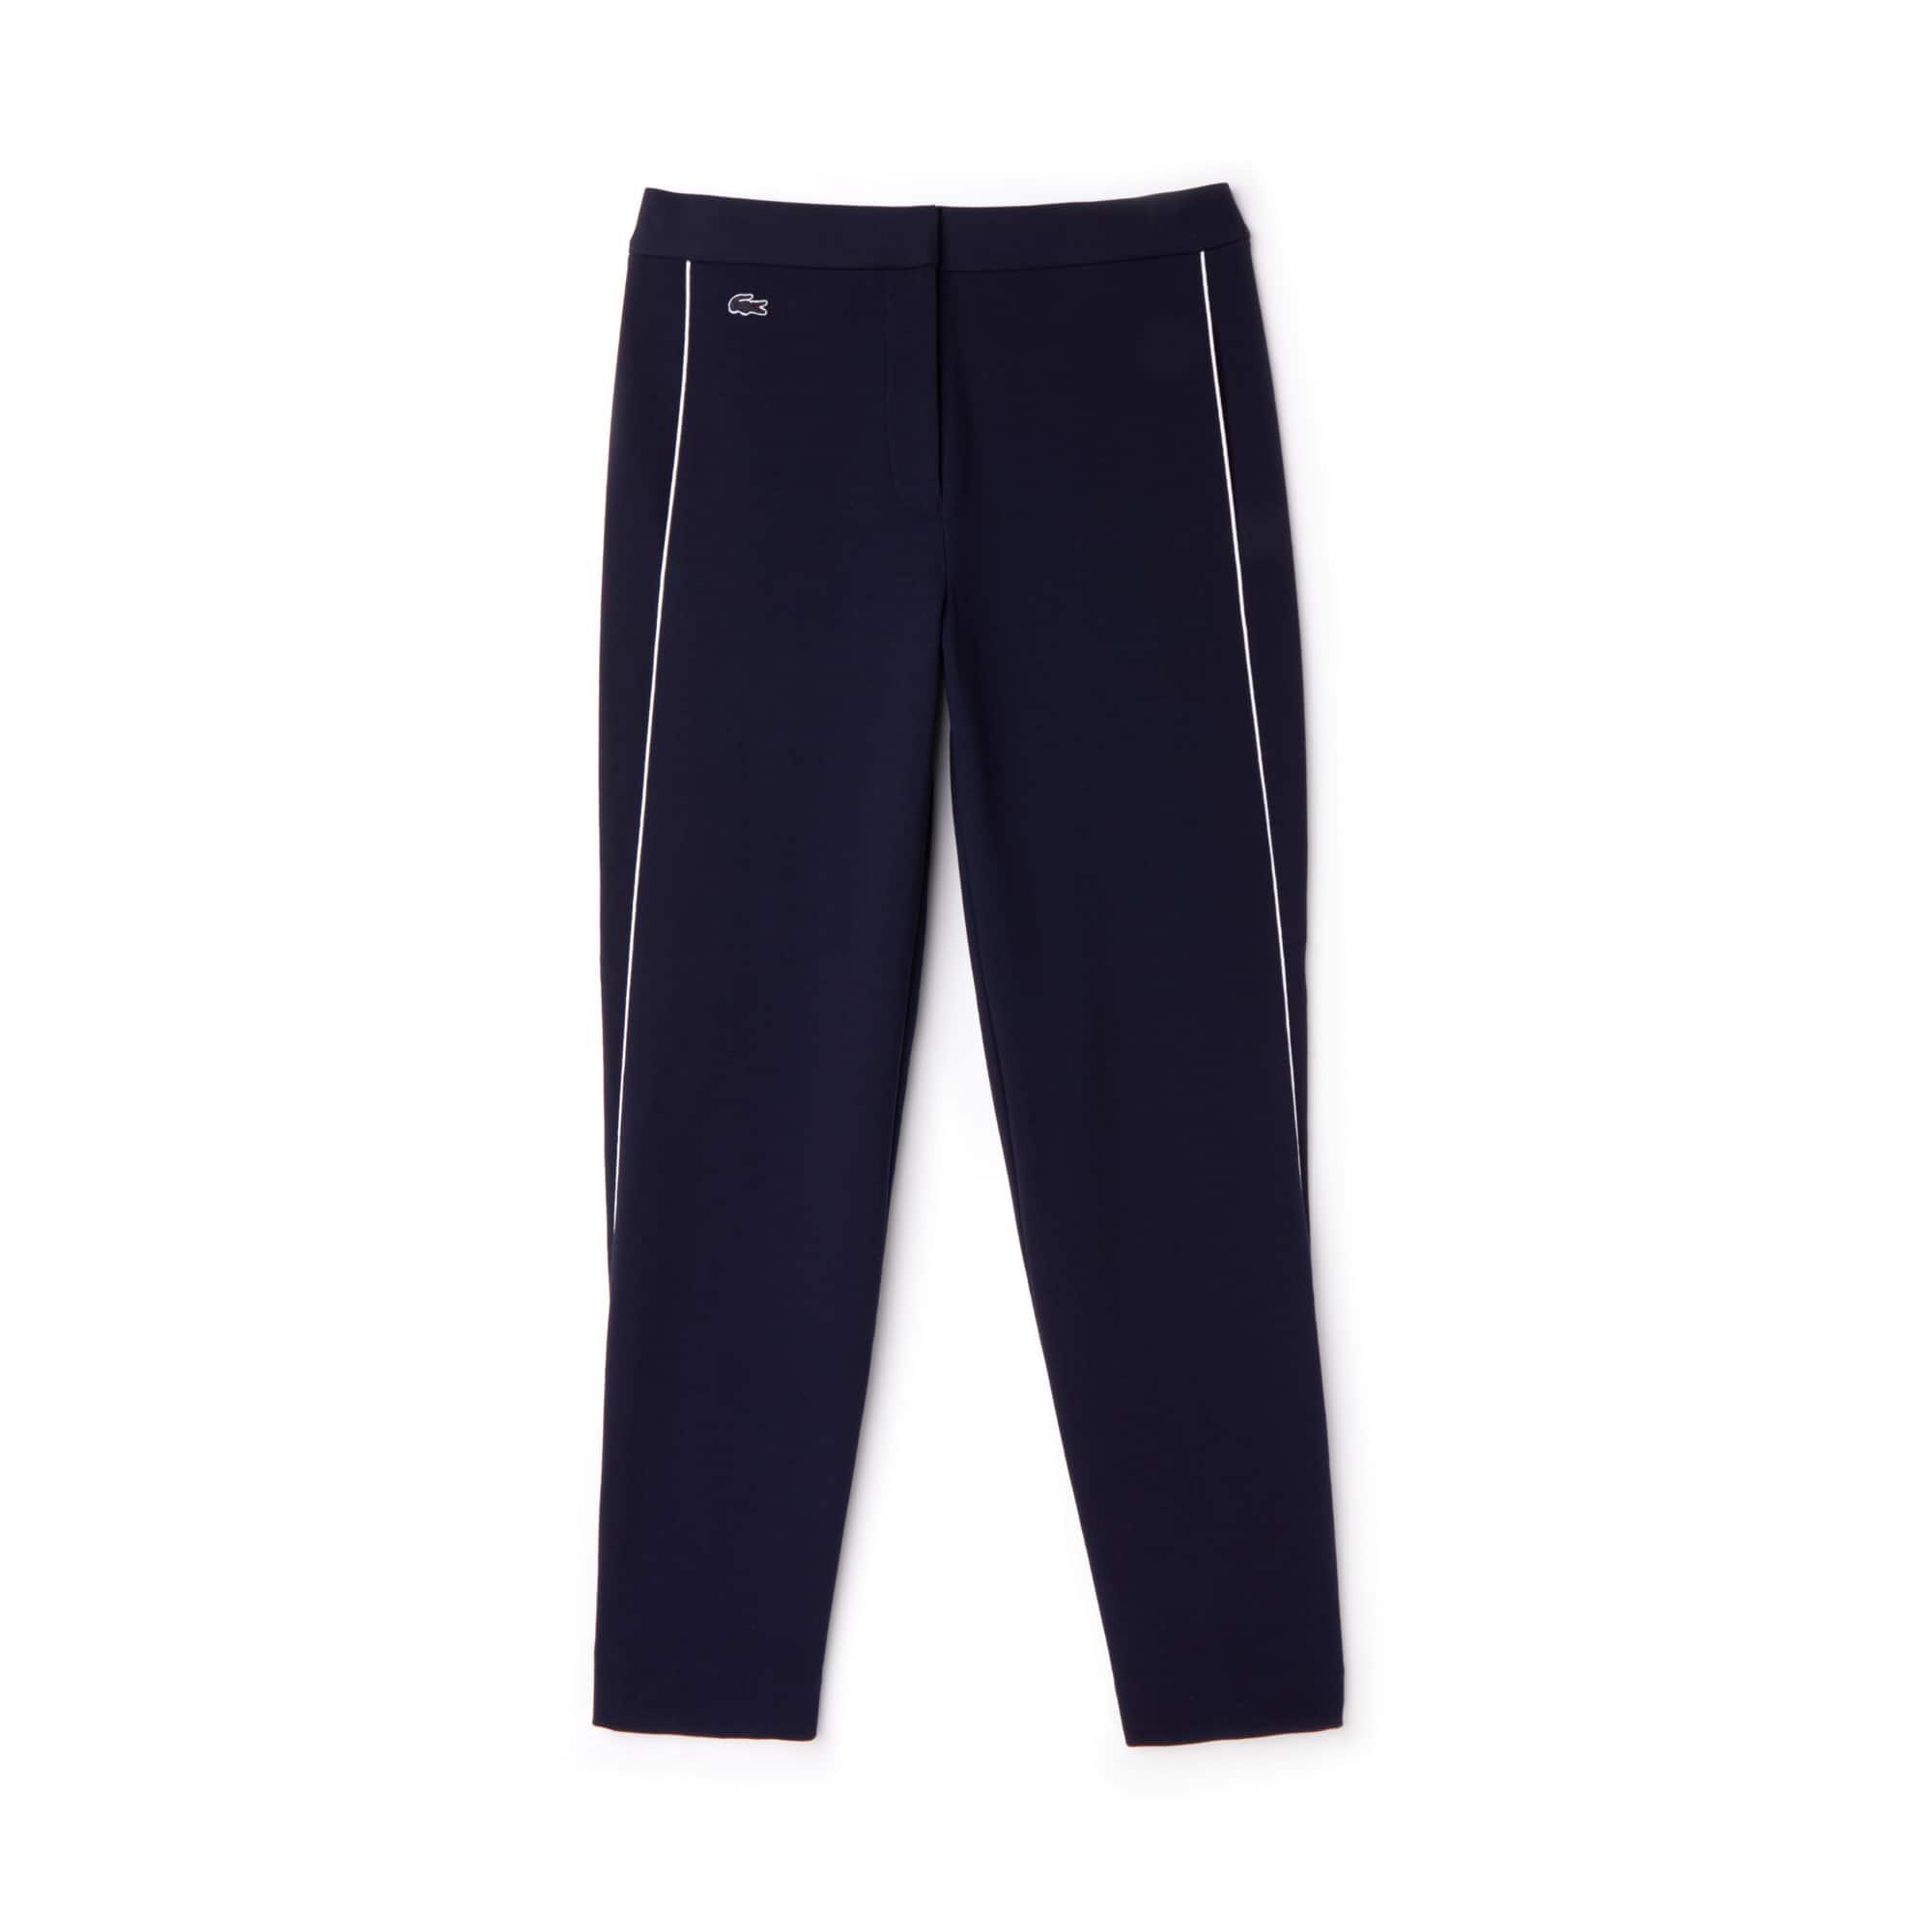 Pantaloni a carota in crêpe di cotone interlock con bordino